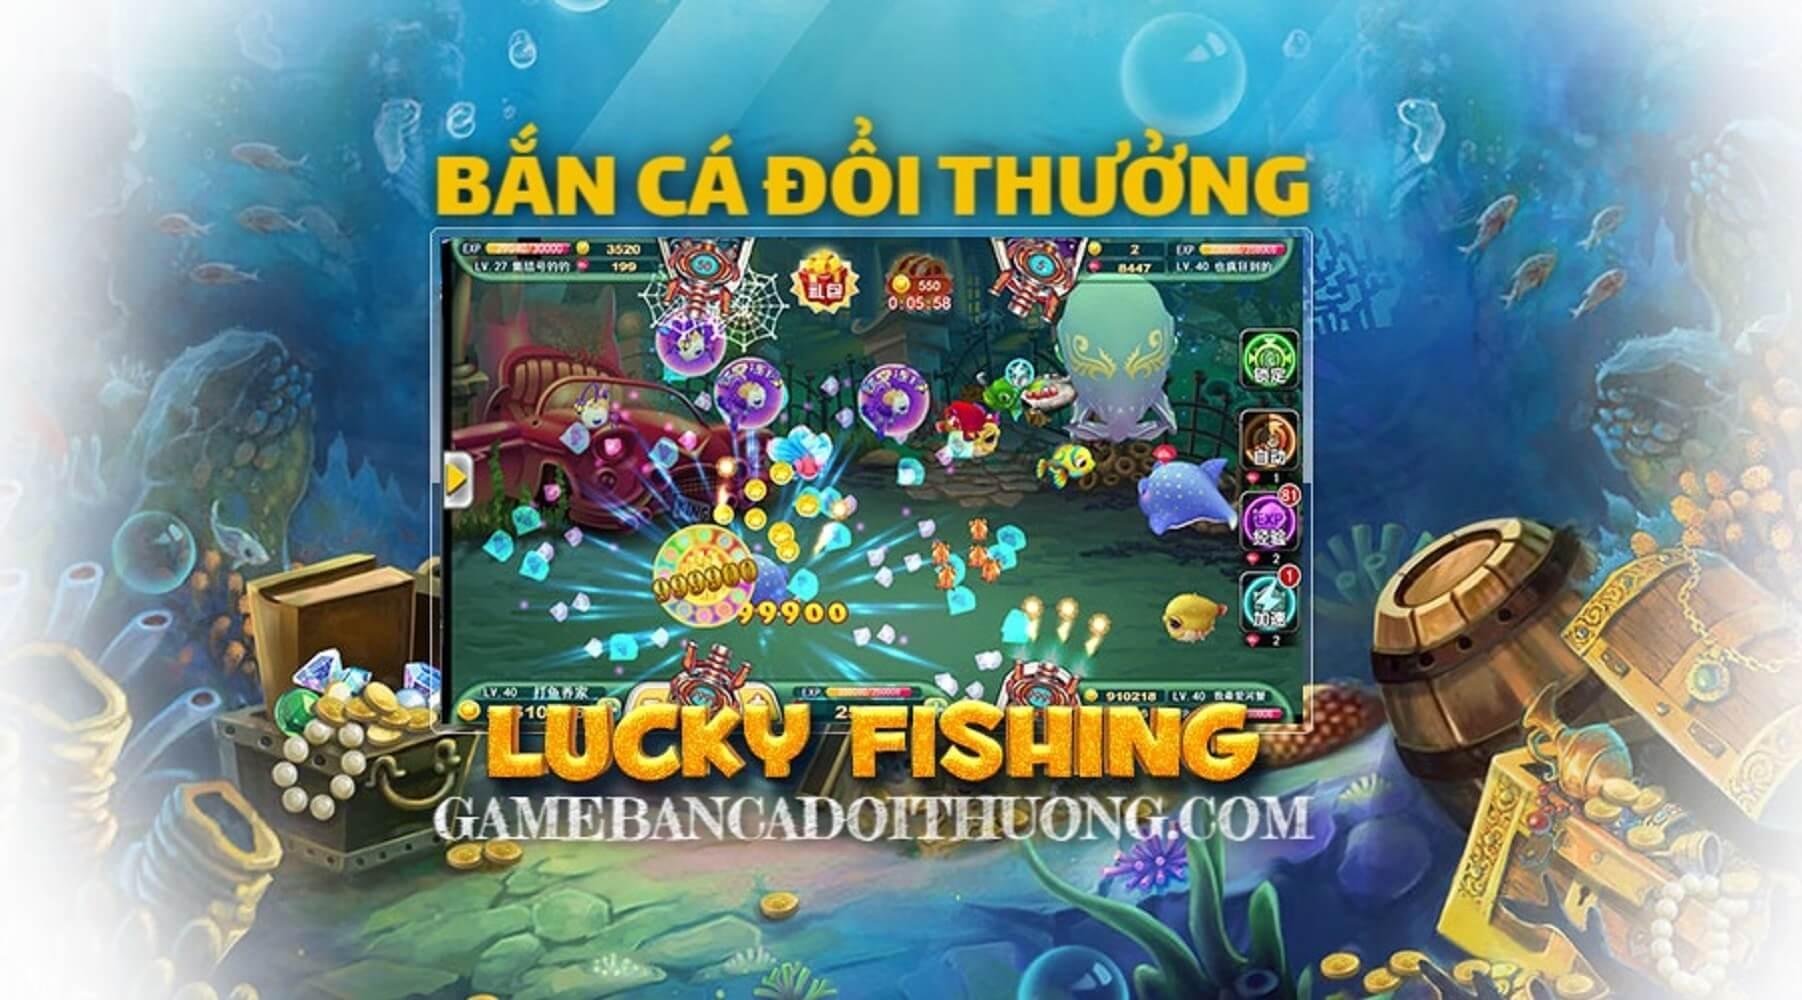 Game bắn cá đổi thưởng uy tín (@bancasanthuong) Cover Image